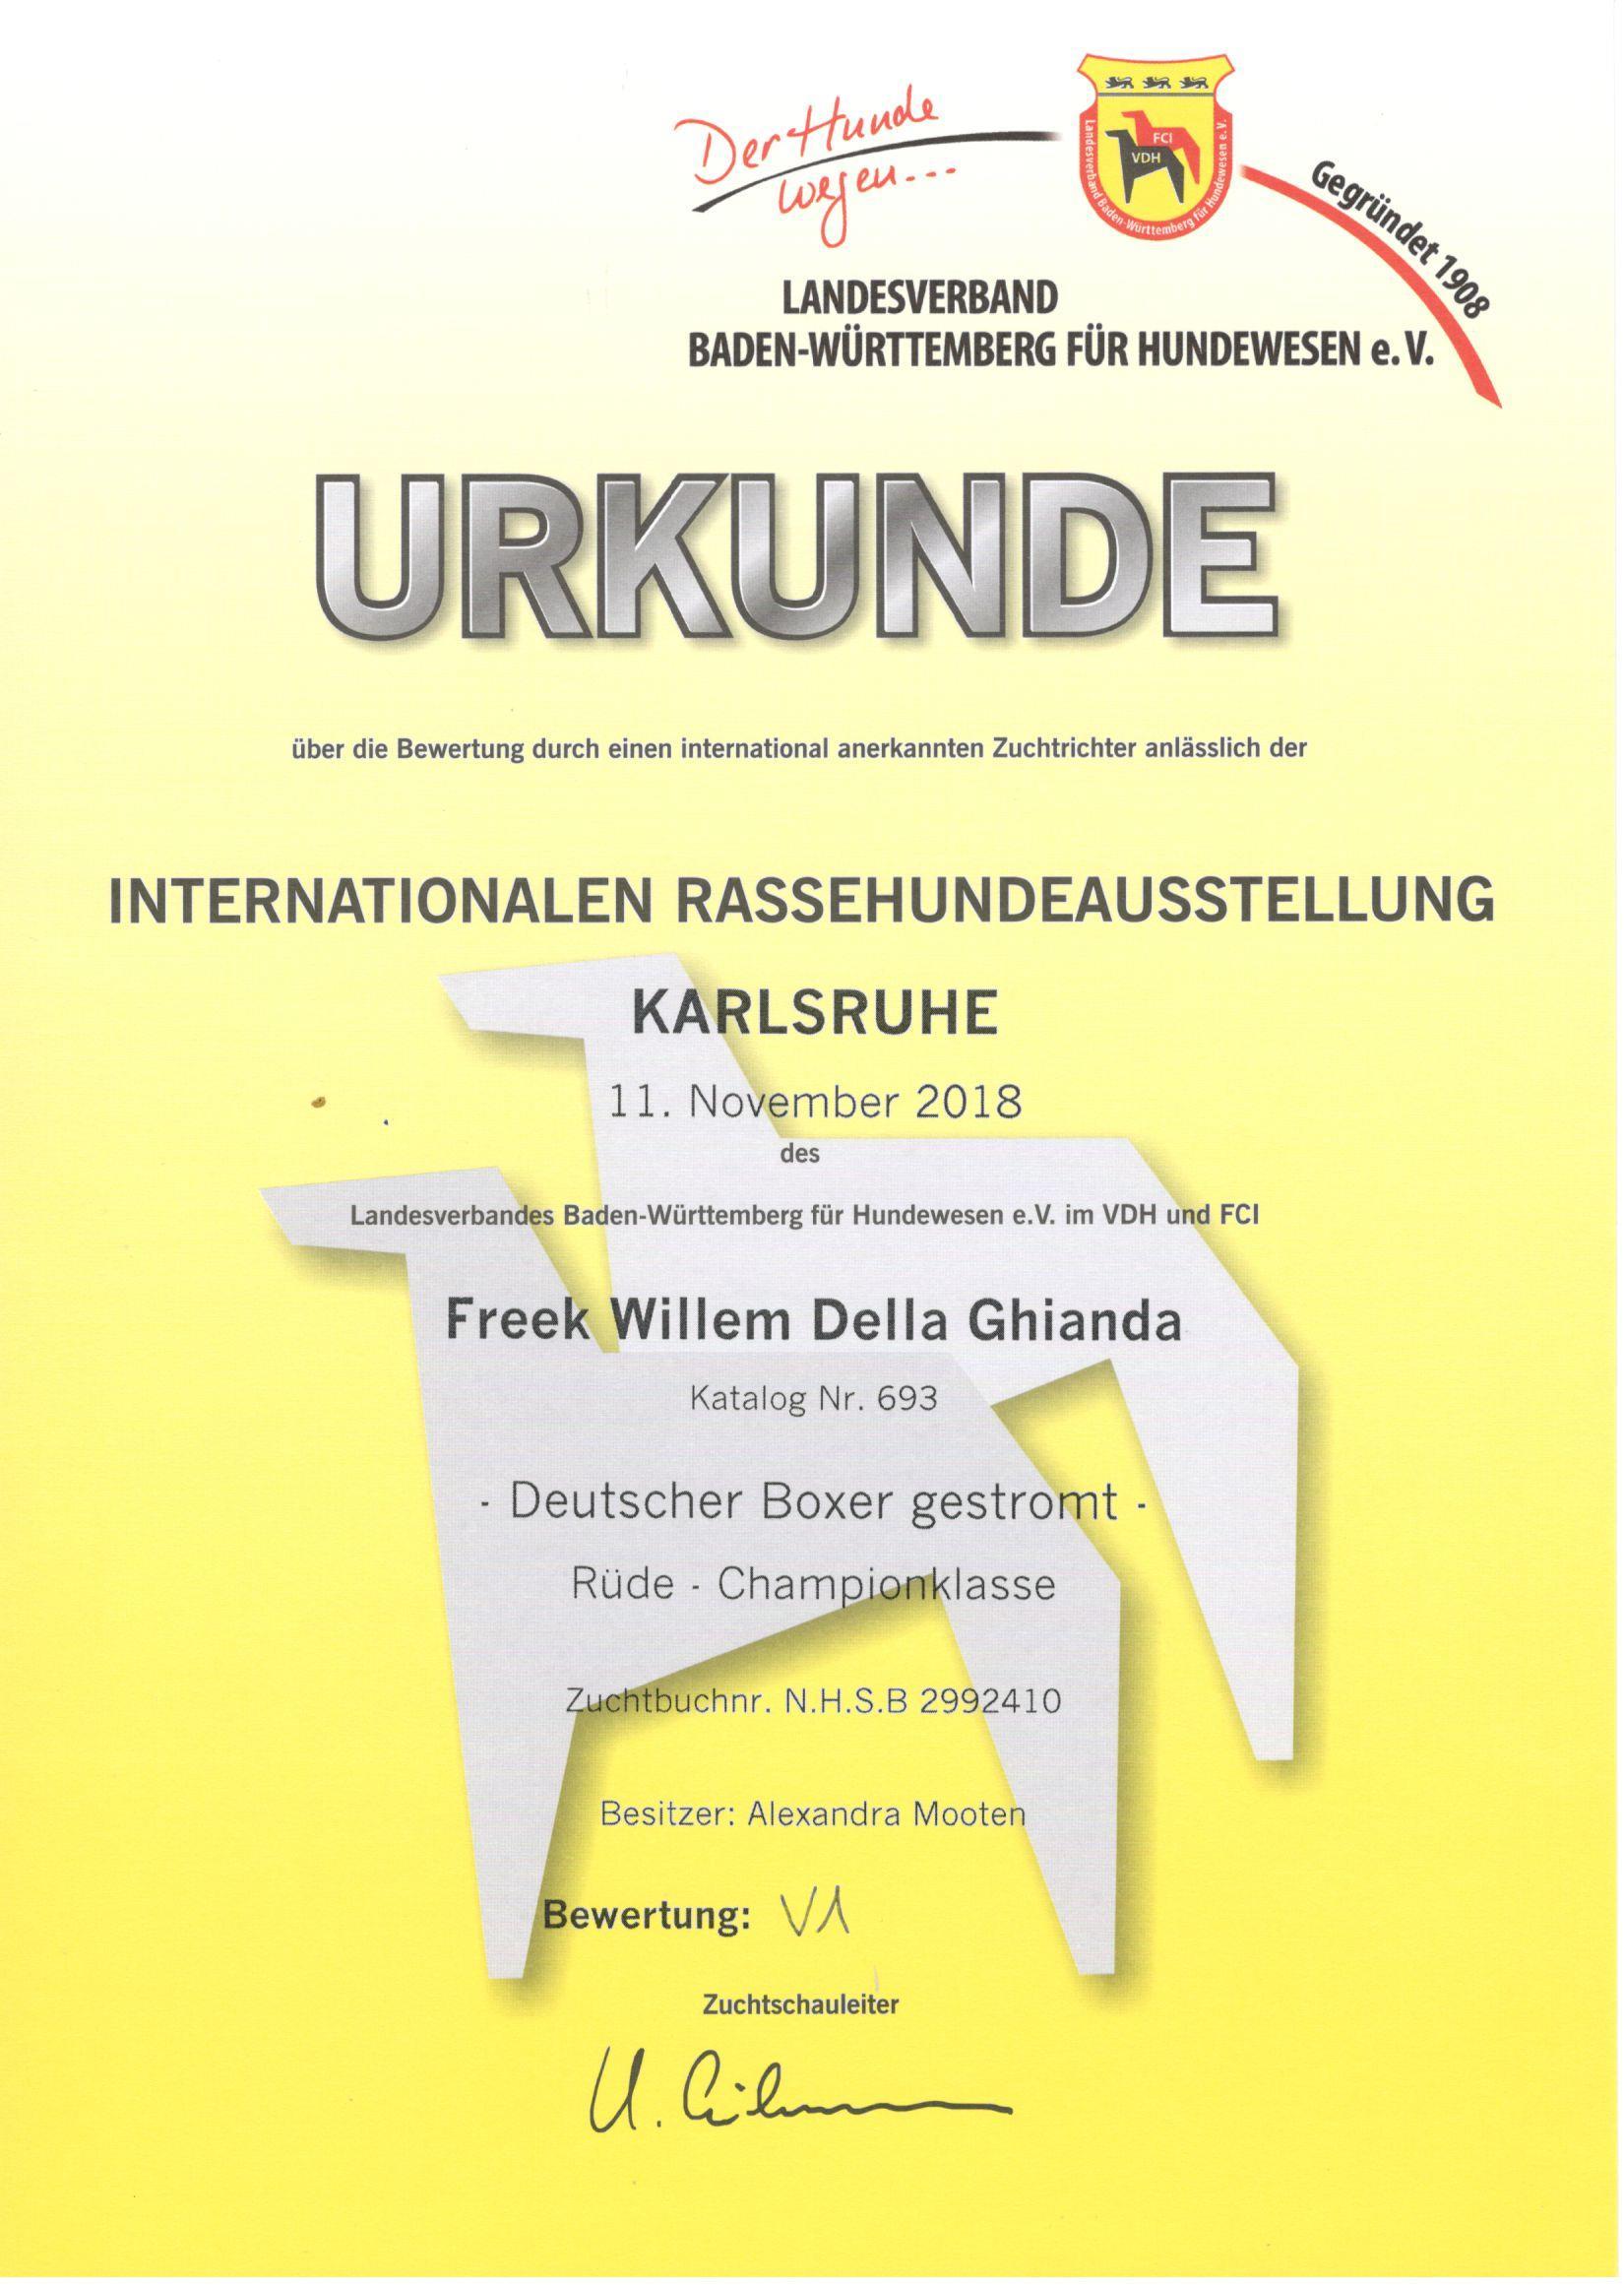 IRAS Karlsruhe